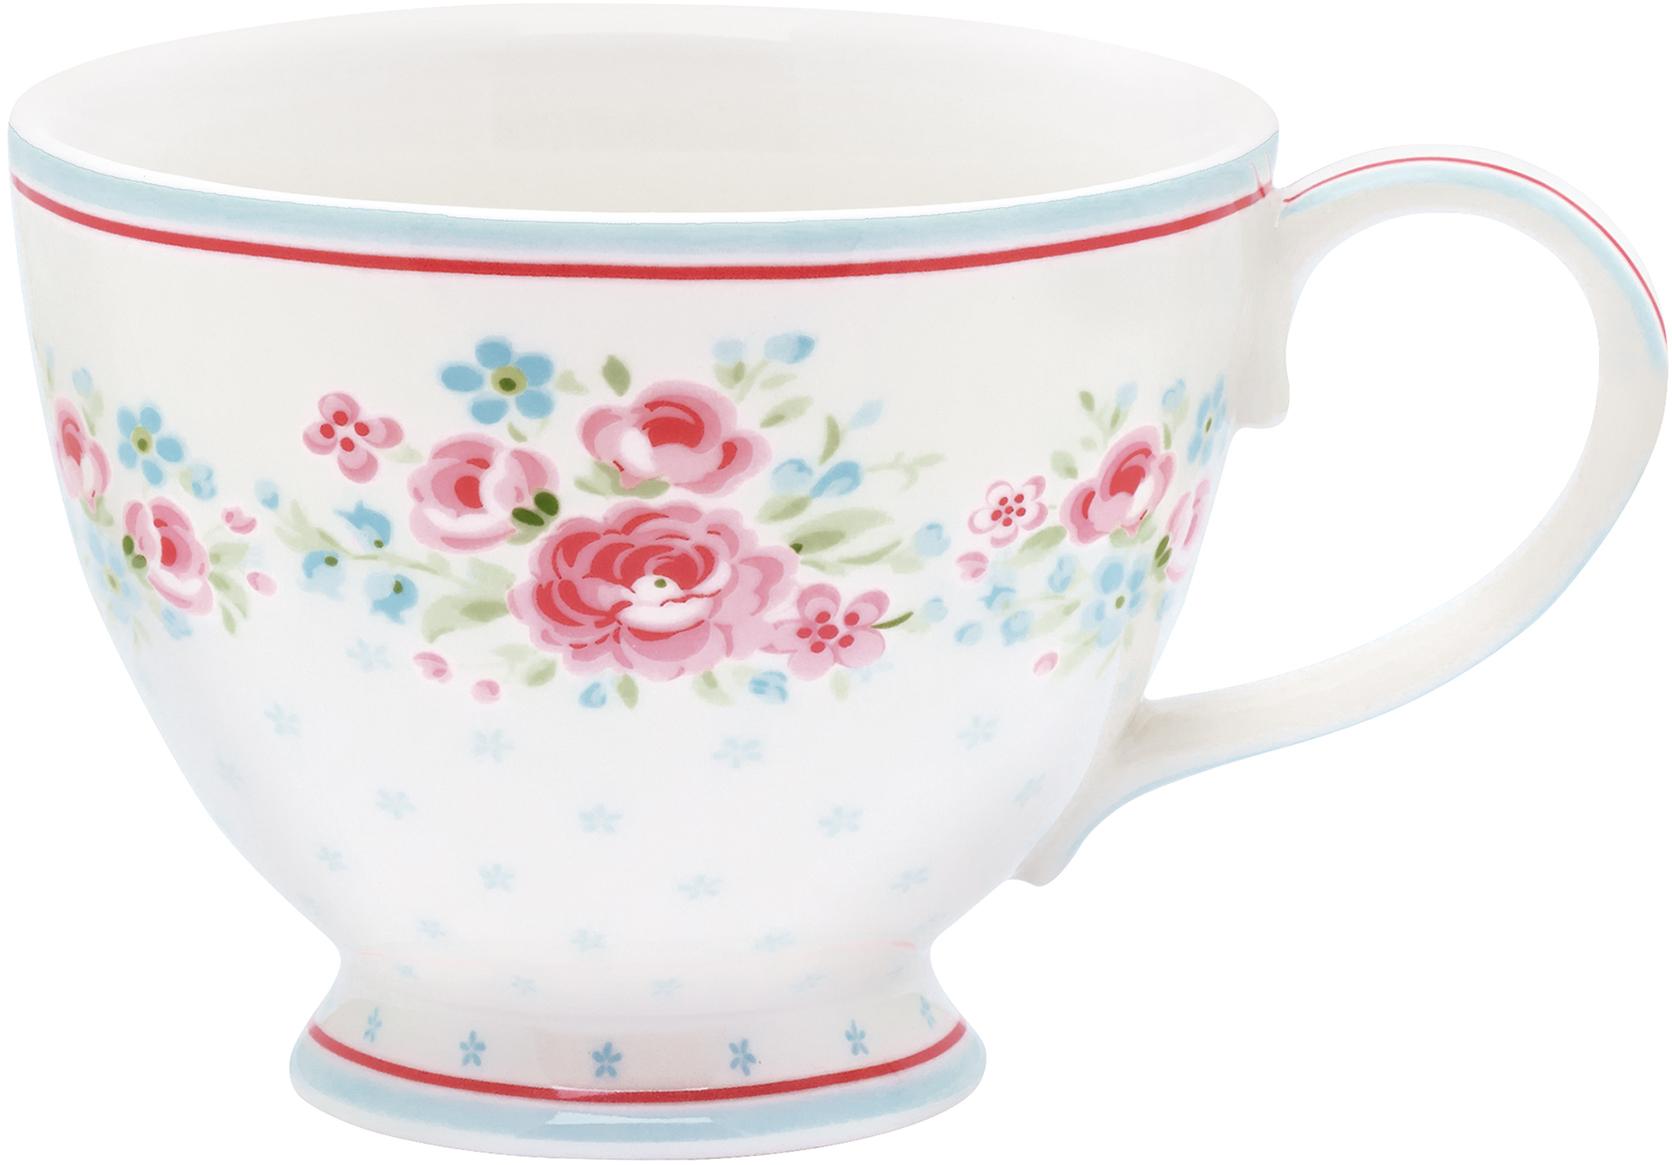 Чашка чайная Tess white, цвет: мультиколор, 400 млSTWTECTES0106GreenGate- это широко известная во всем мире компания, которая с 2001 года производит потрясающую по красотеколлекционную посуду.